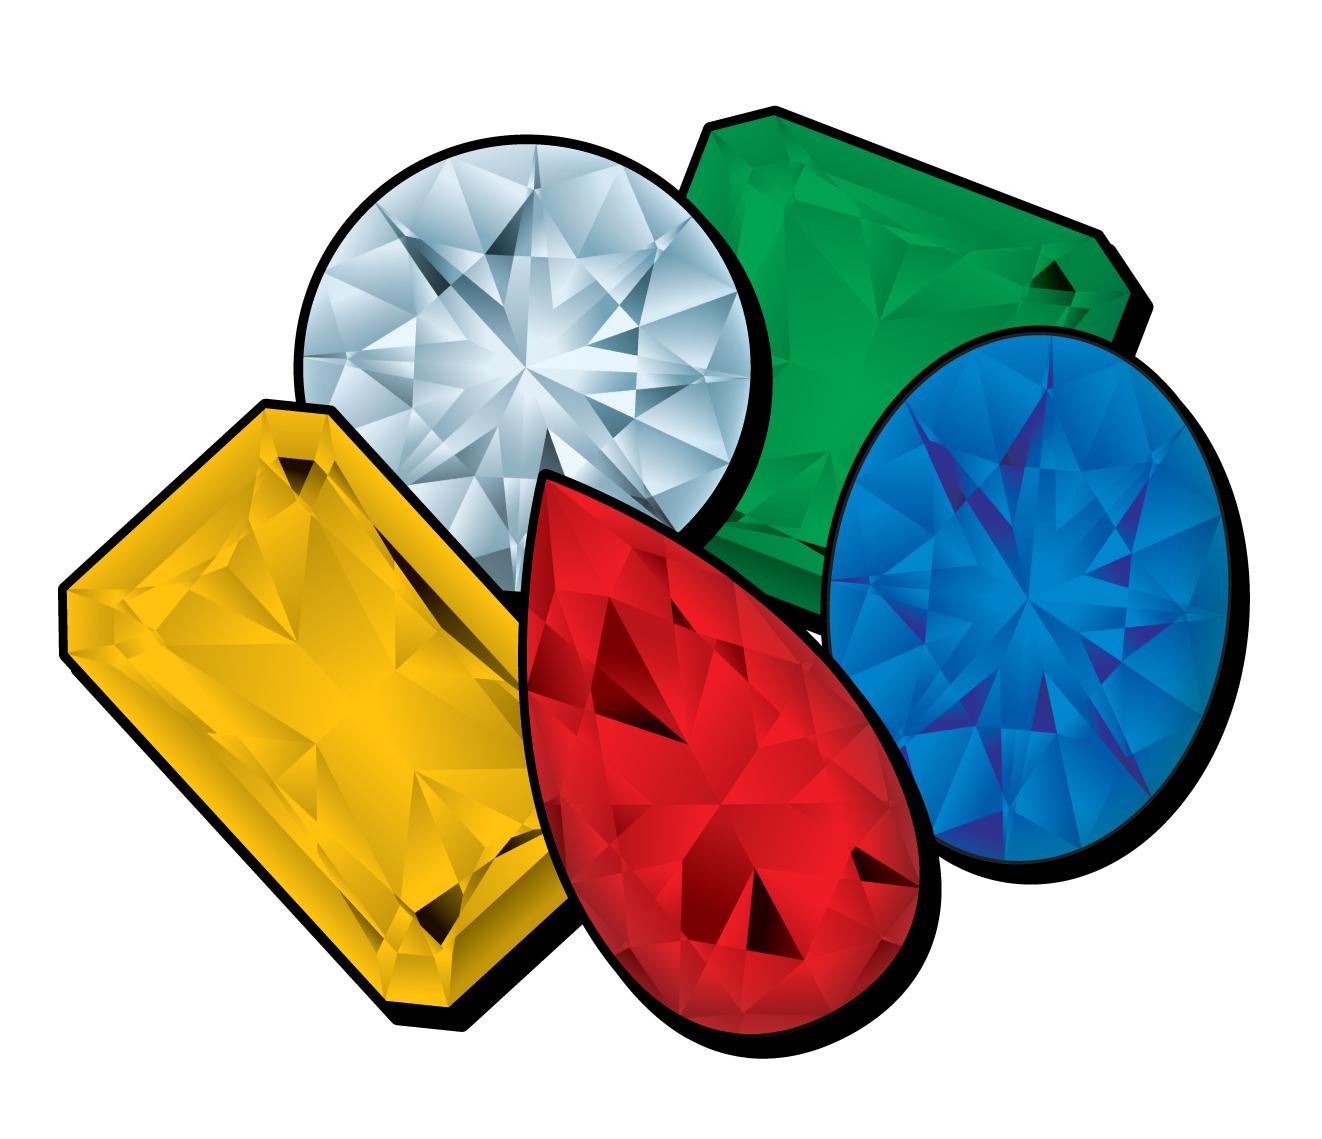 Jewel clipart. Jewels